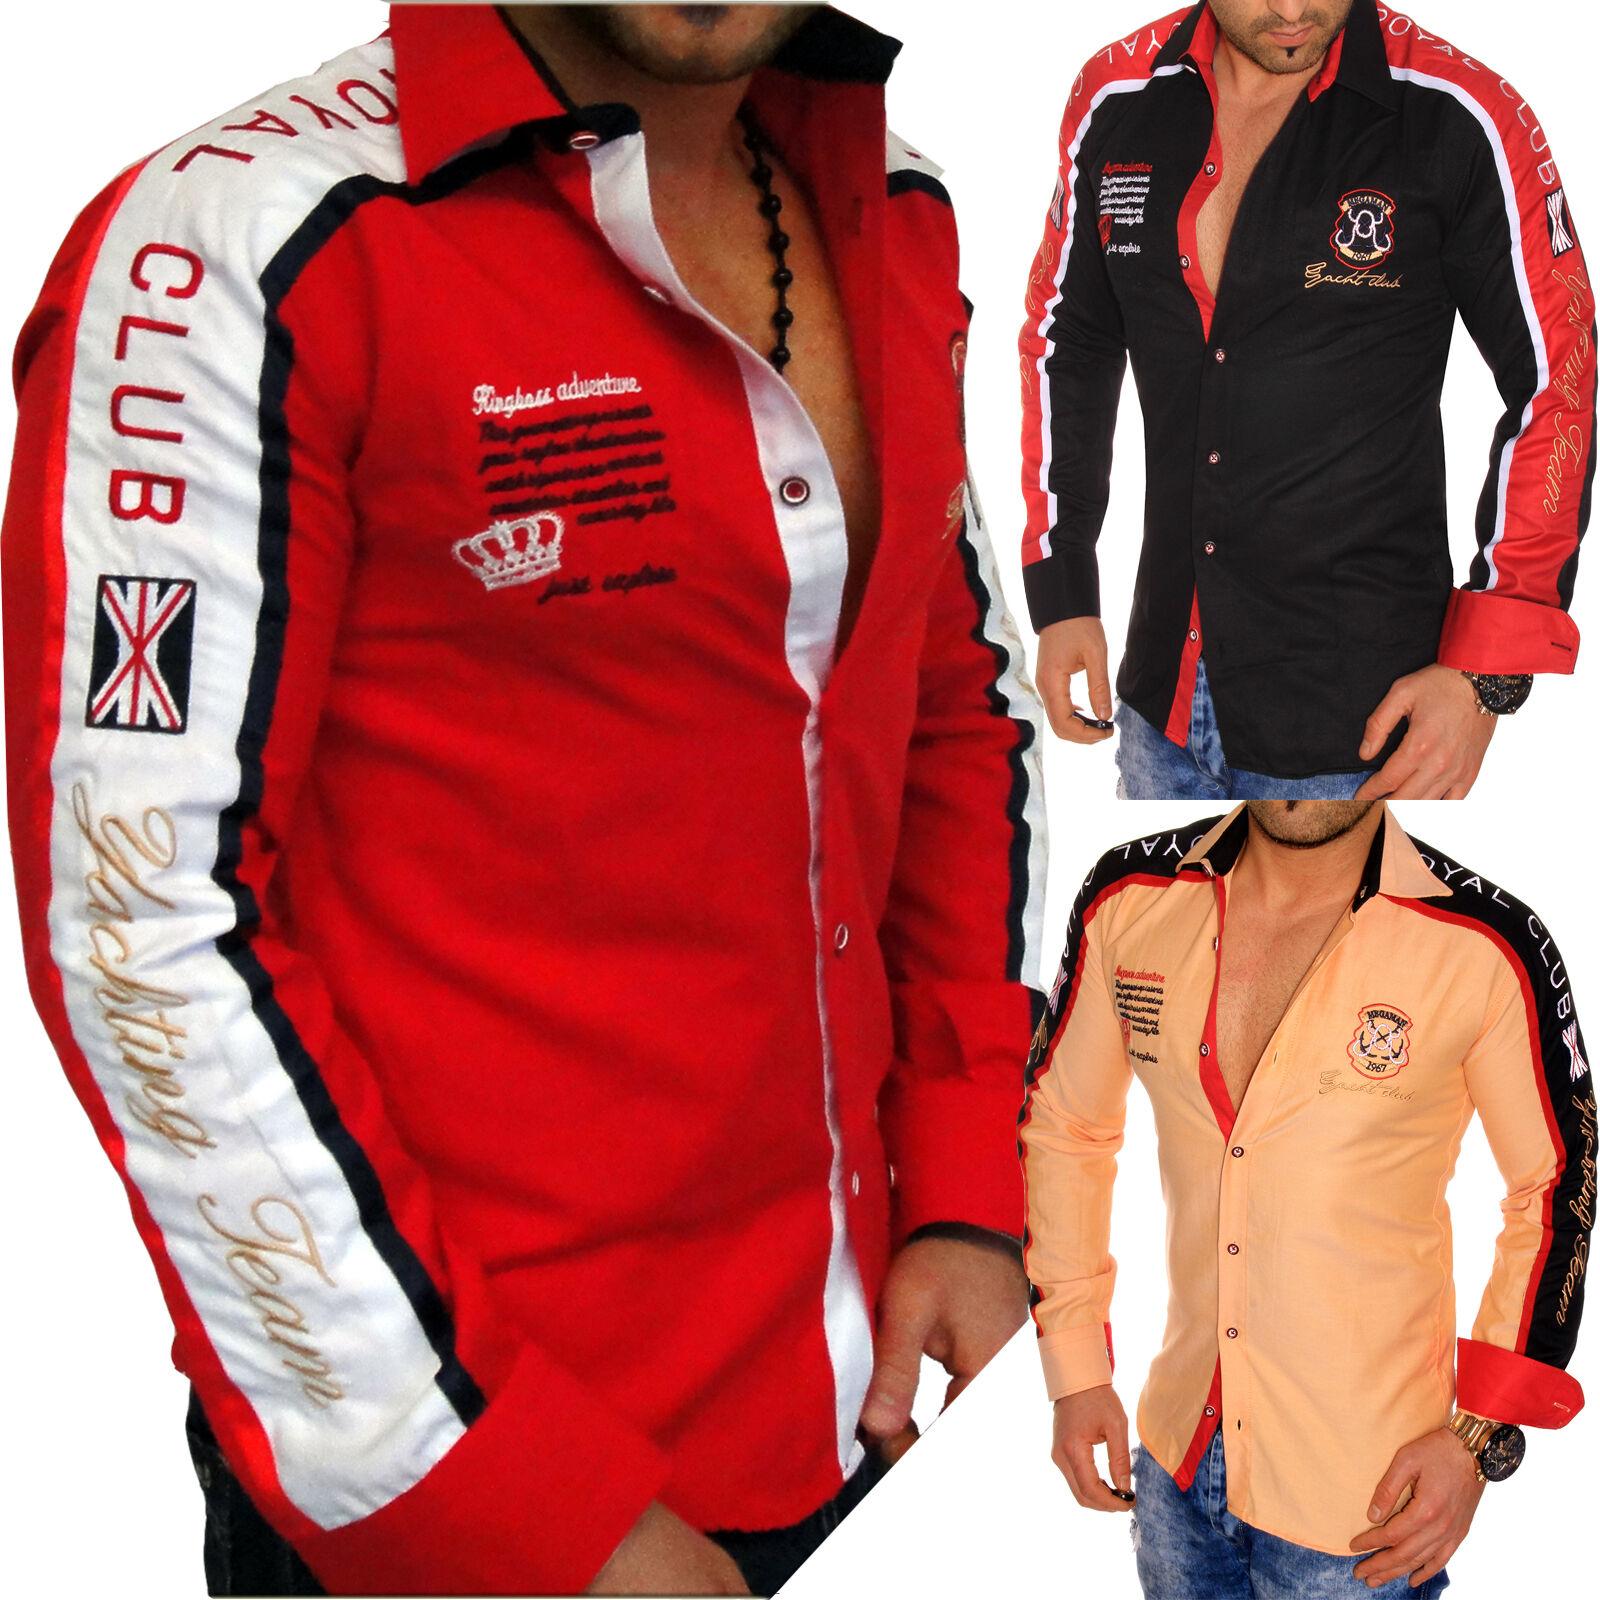 Langarm Herren Männer Hemd Hemden Slim Fit Club Yachting Polo Men Slim-Fit NEU   | Erste Kunden Eine Vollständige Palette Von Spezifikationen  | Verkaufspreis  | Sonderpreis